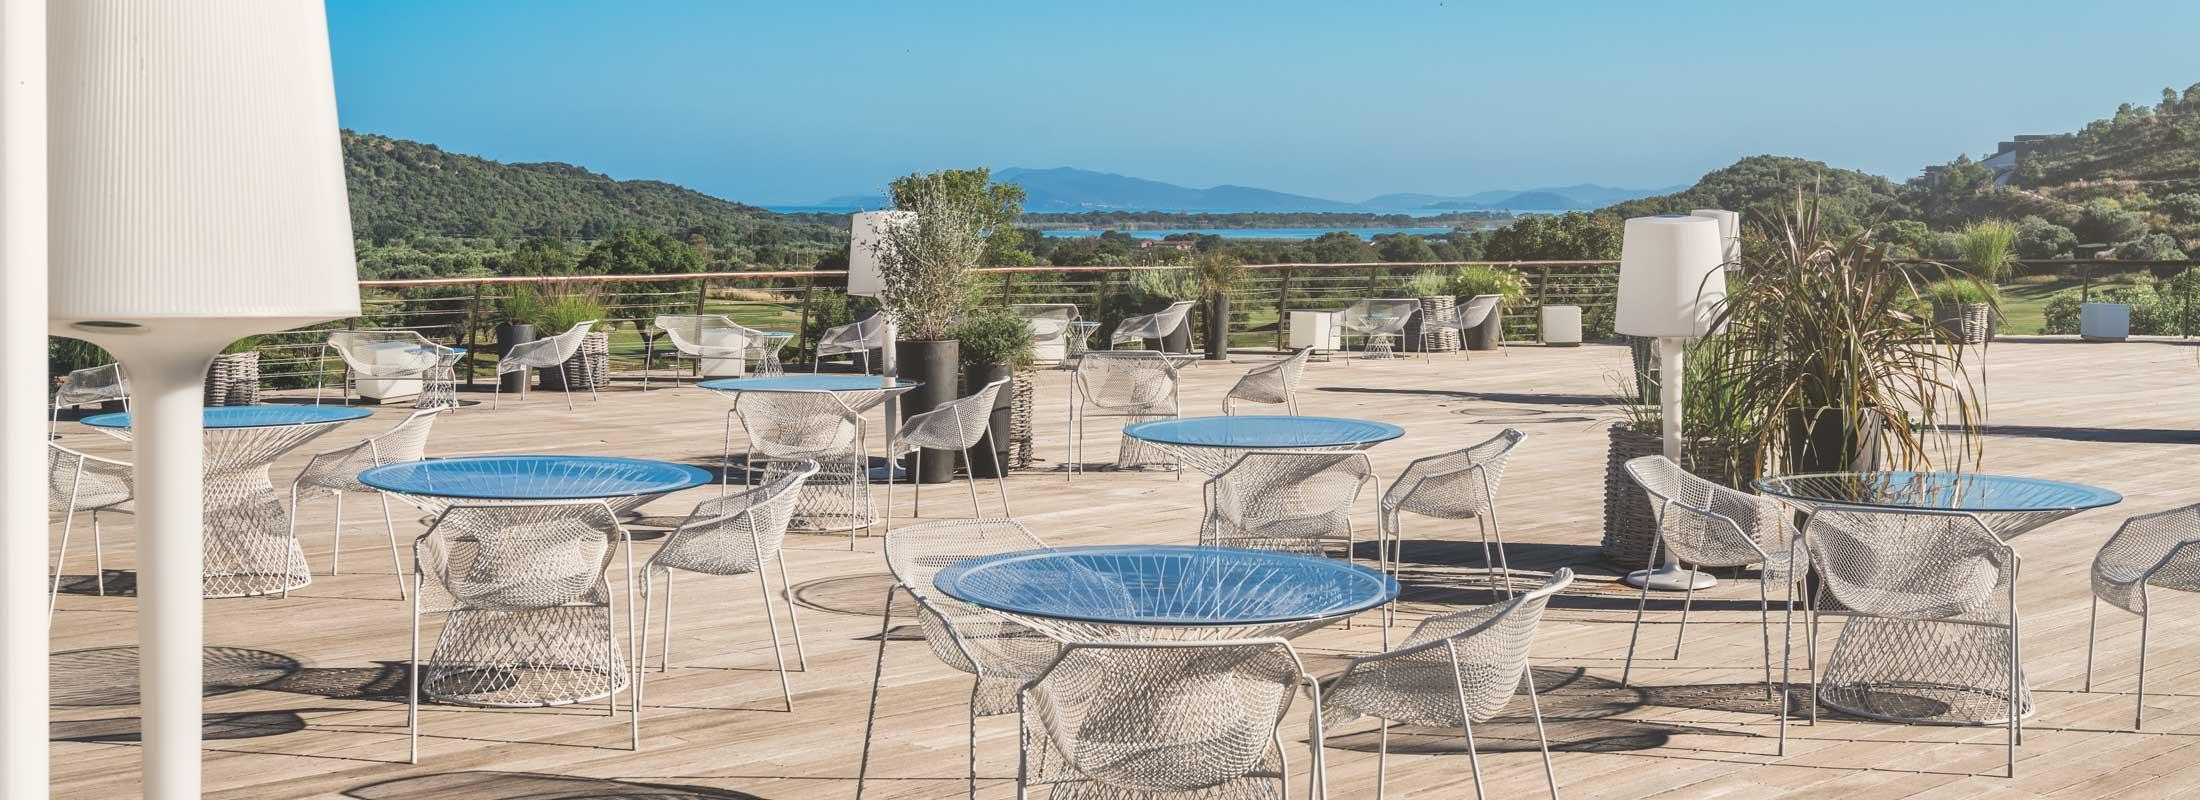 porto-ercole-lusso-resort-hotel-design